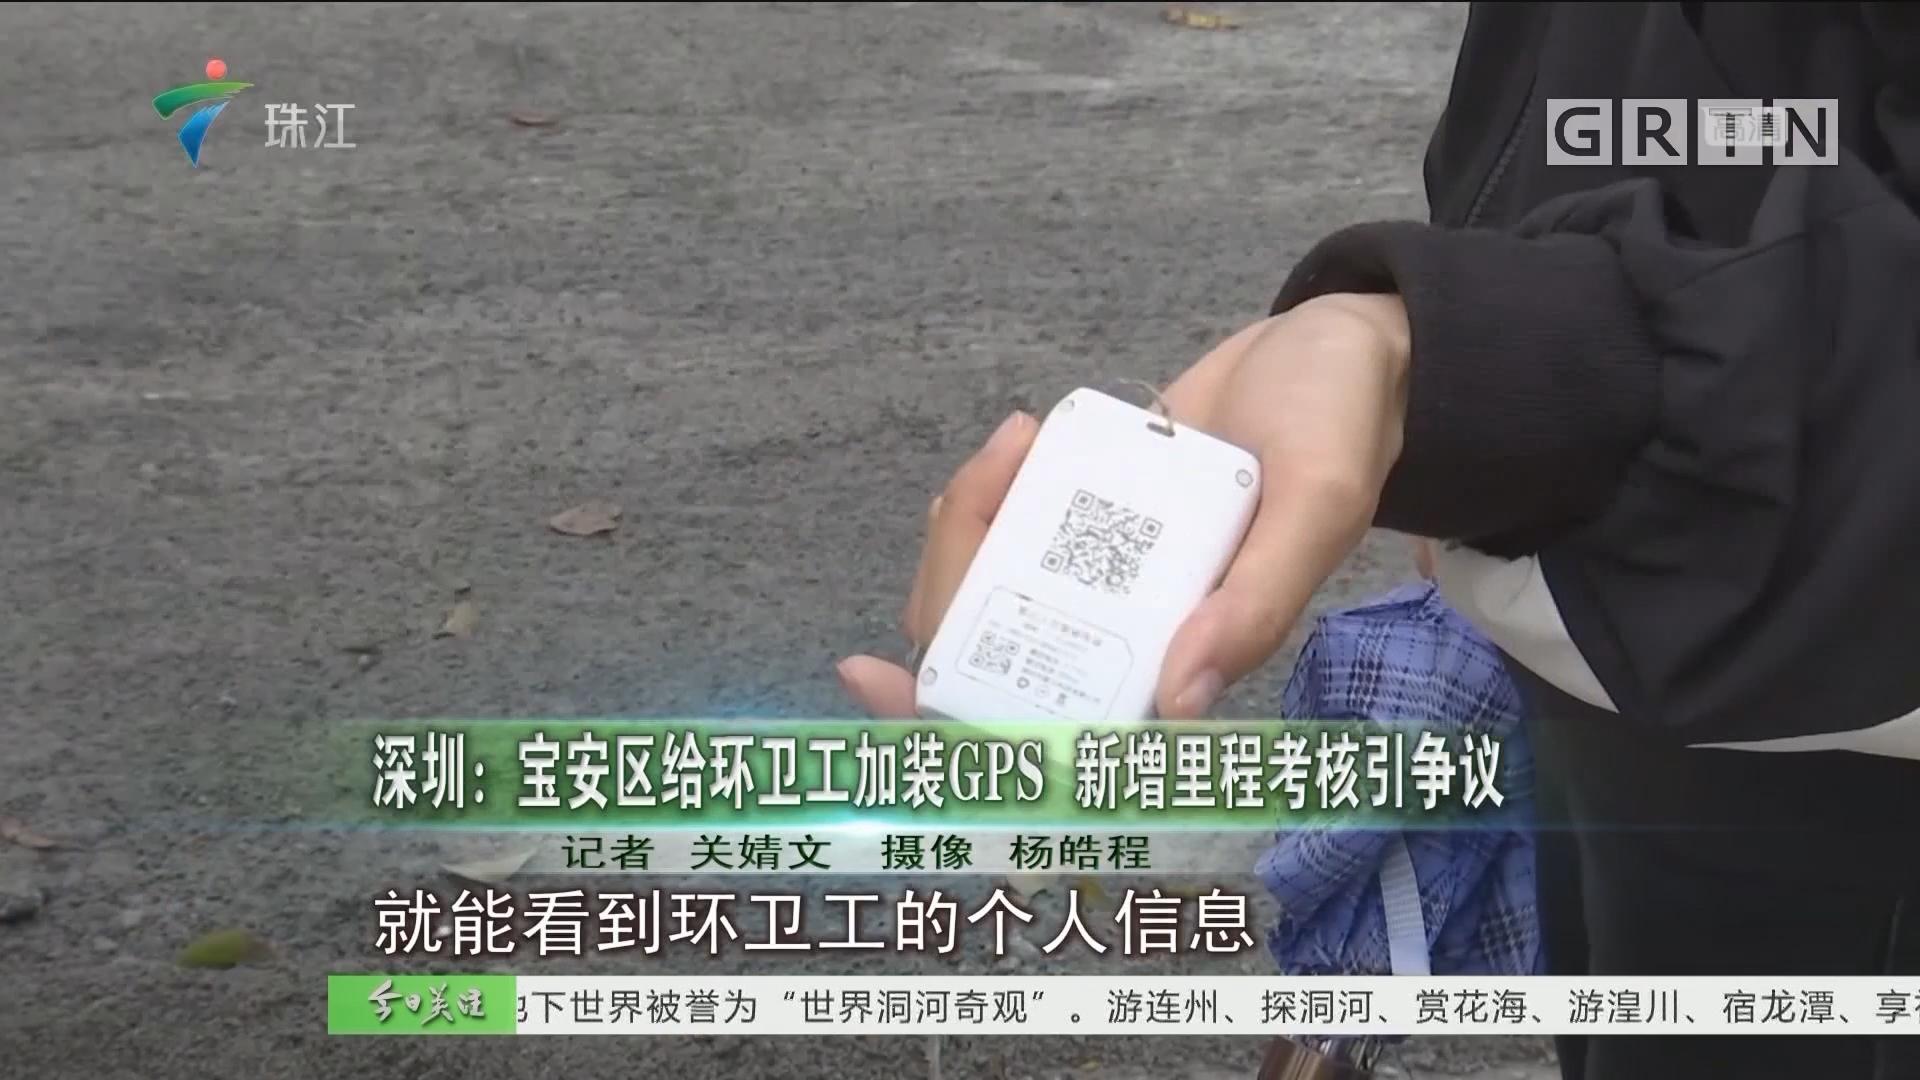 深圳:宝安区给环卫工加装GPS 新增里程考核引争议